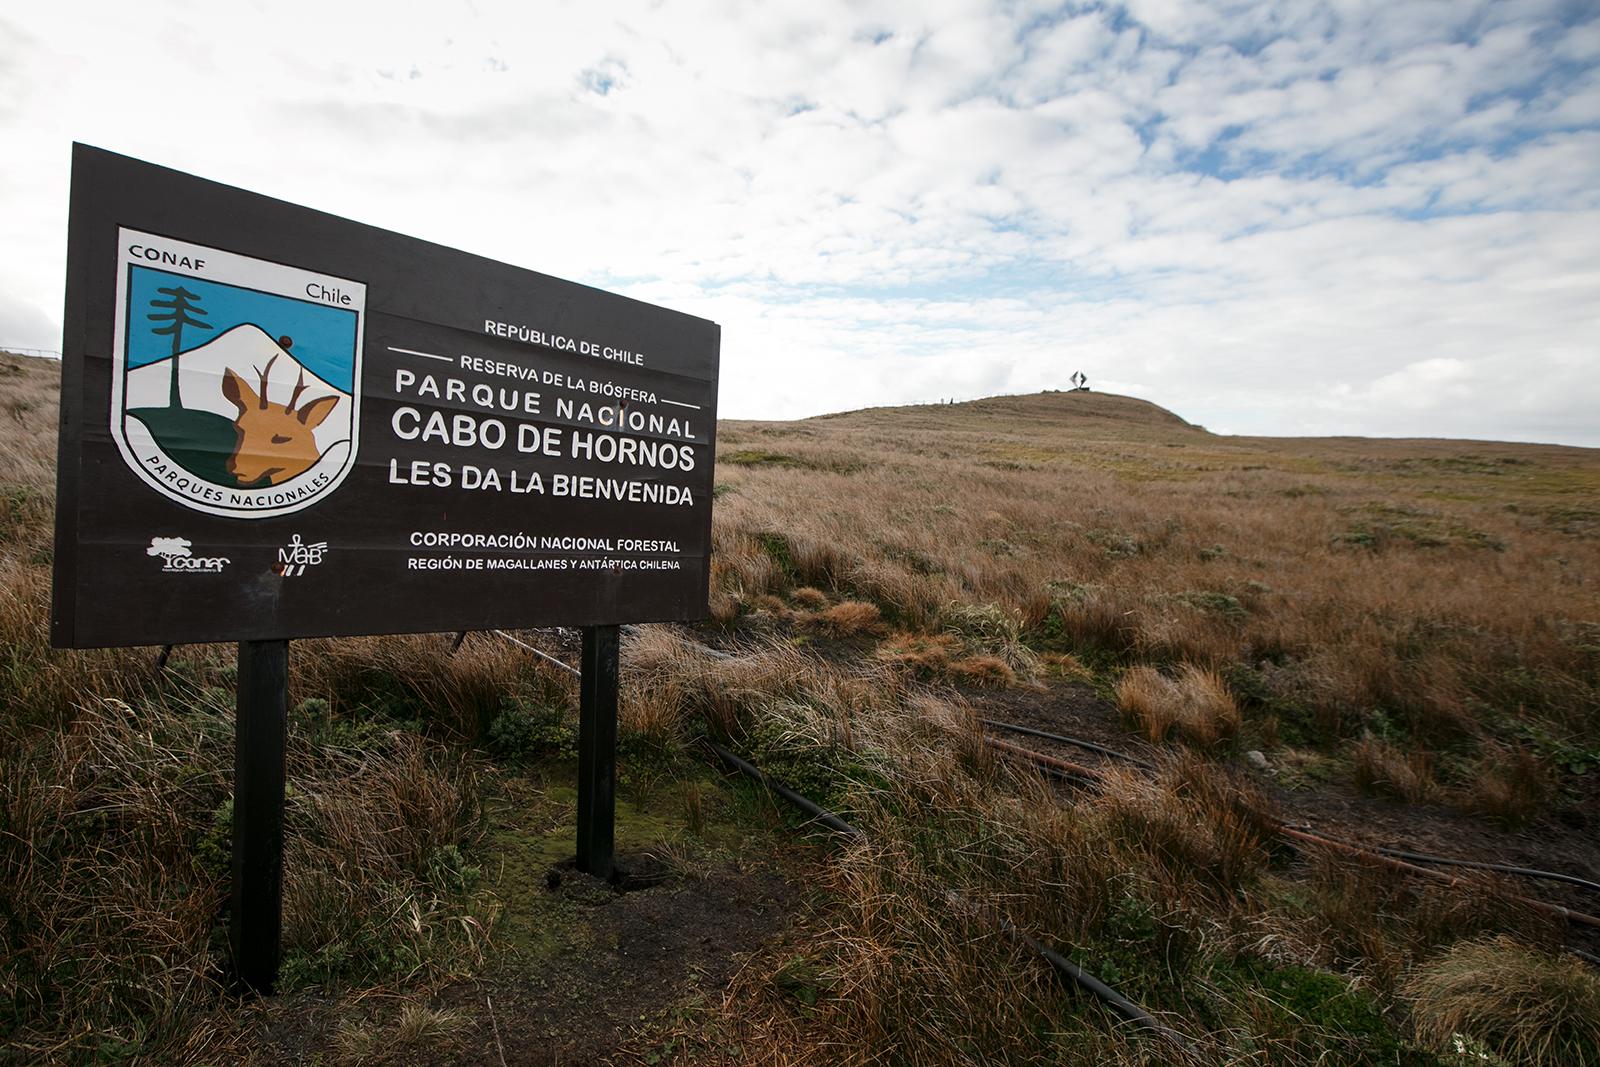 croisière australis terre de feu Patagonie